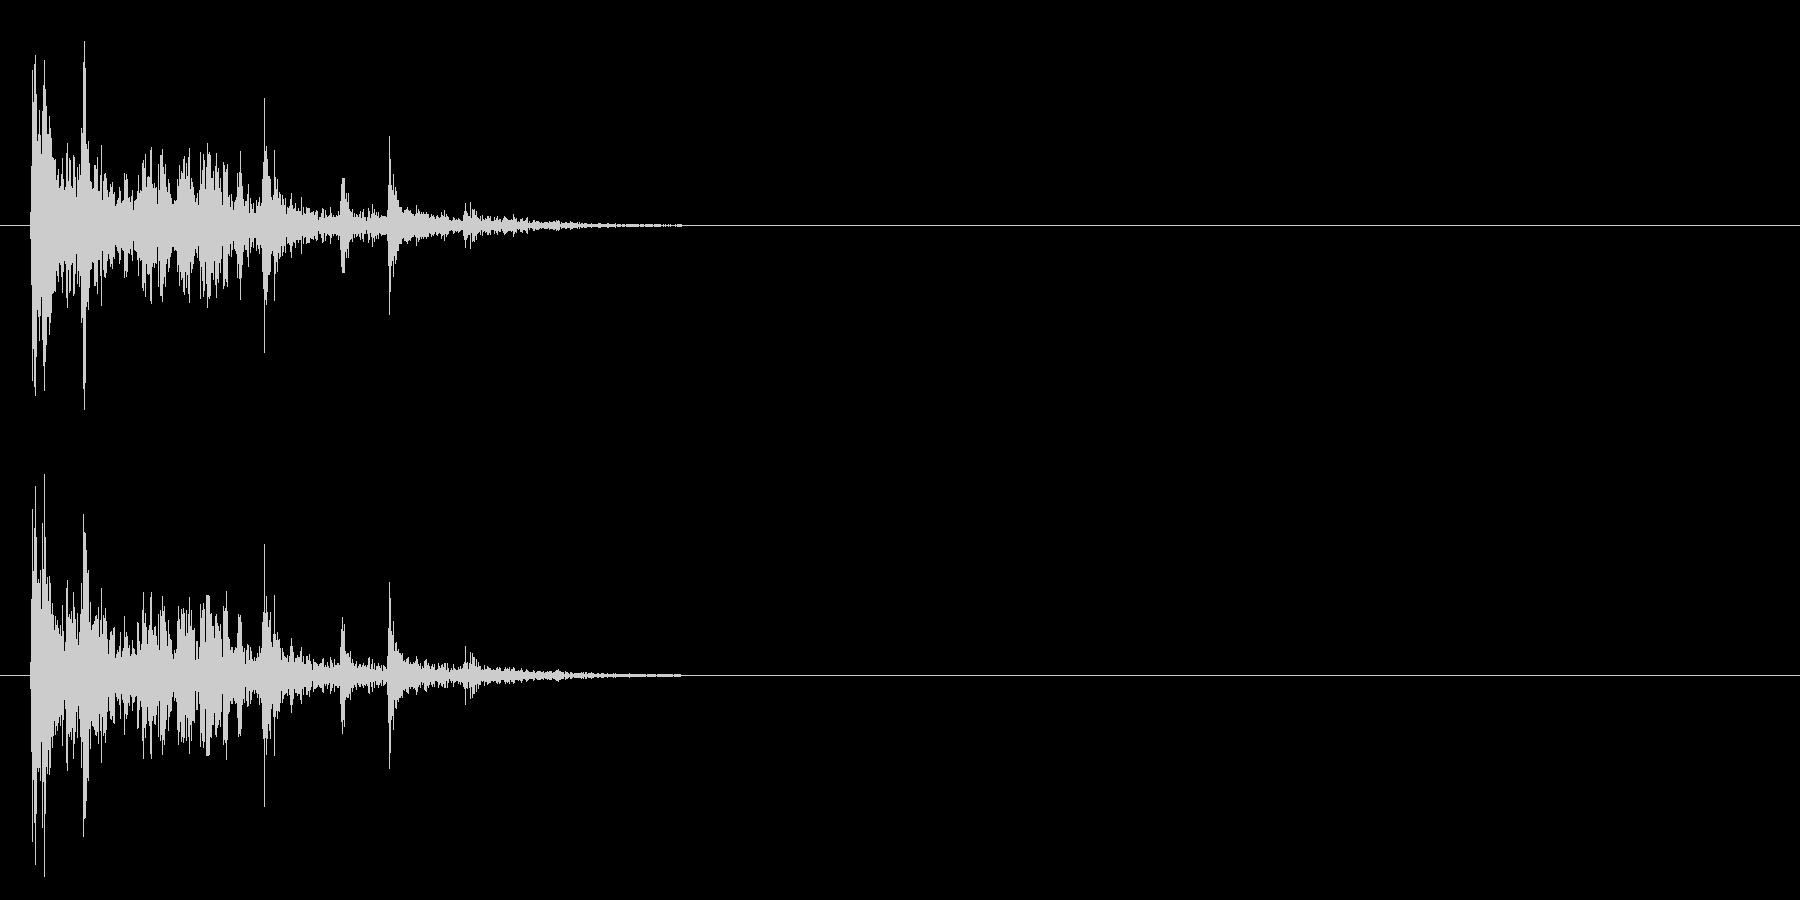 [生録音]カードを整える、散らばる音01の未再生の波形